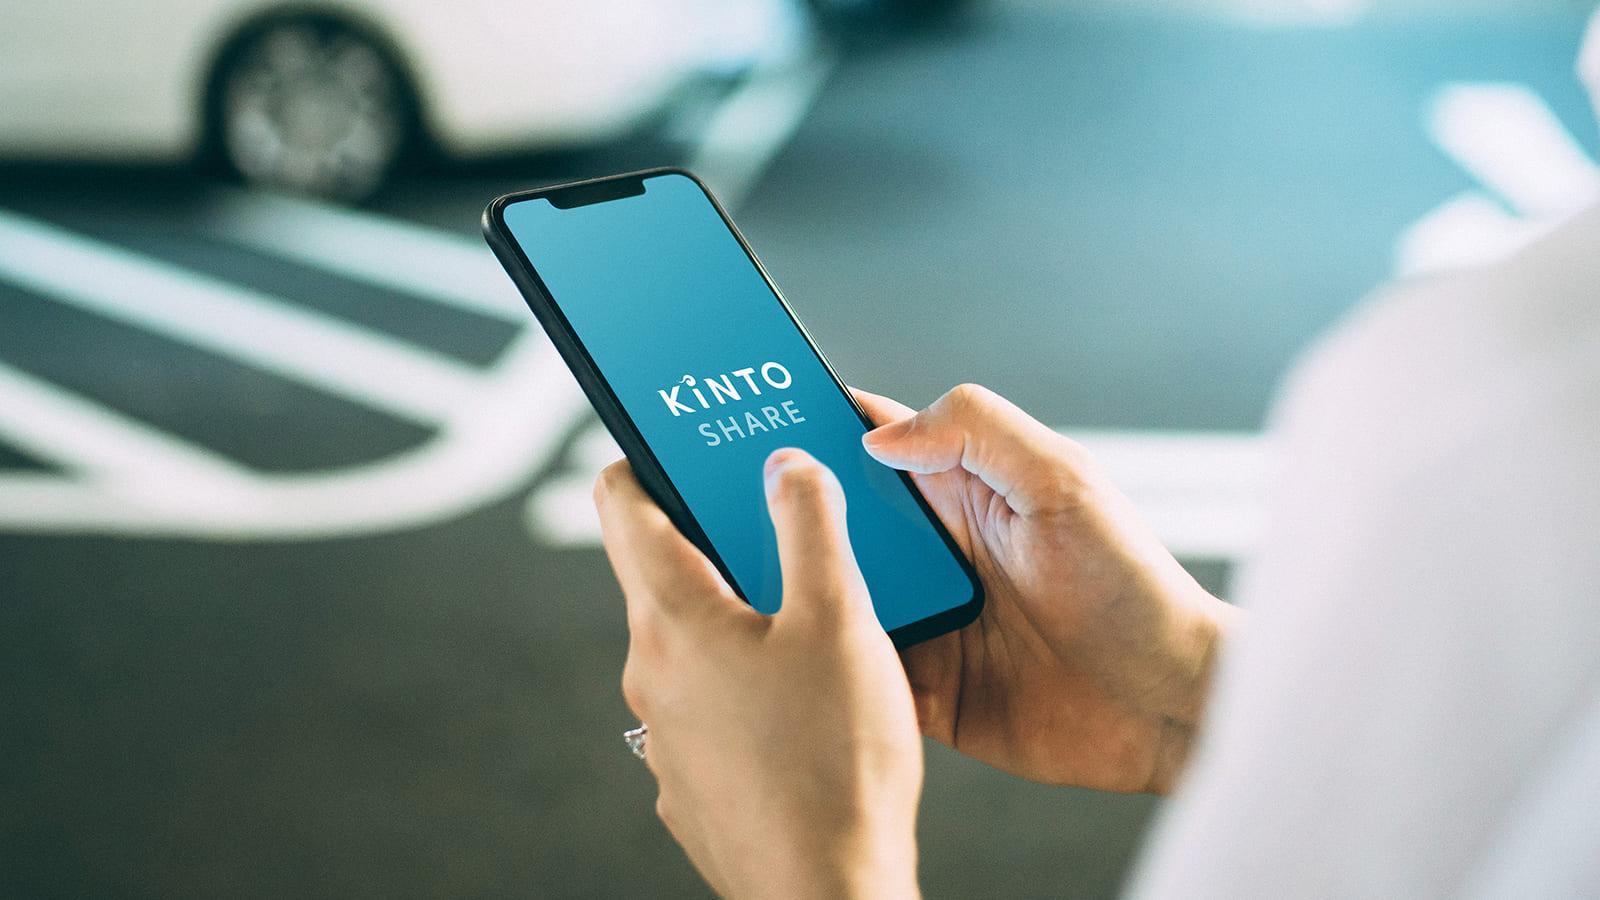 El servicio de movilidad Kinto SHARE, aumenta un socio estratégico en su fase de prueba